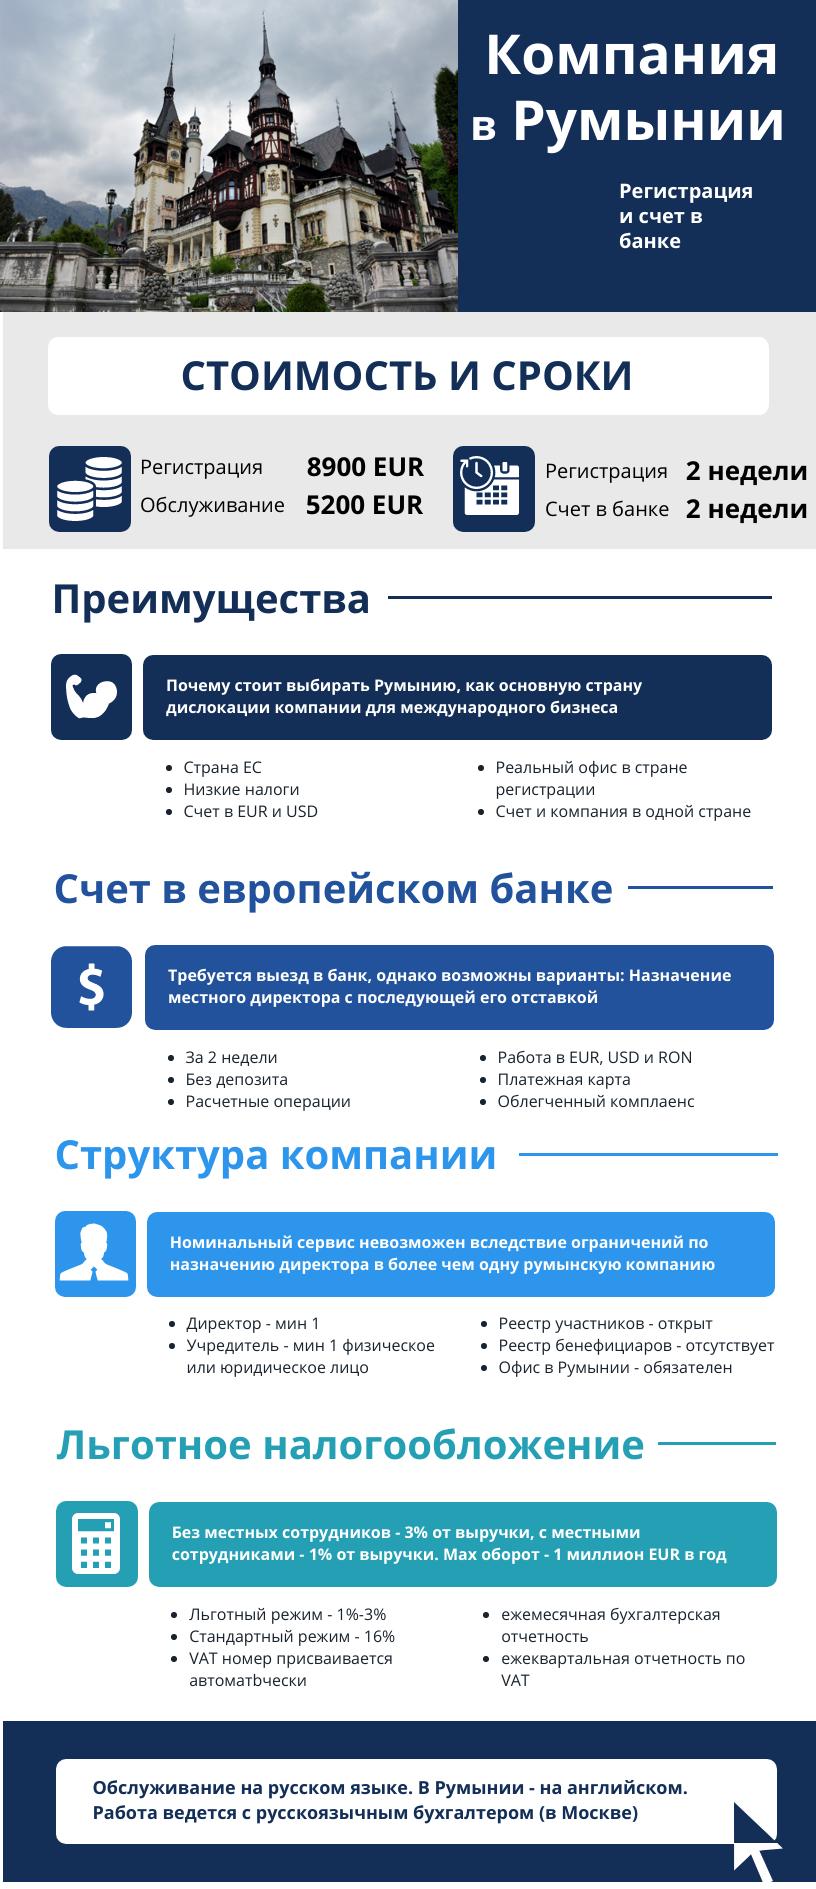 Румынская компания: все самое главное на одной диаграмме